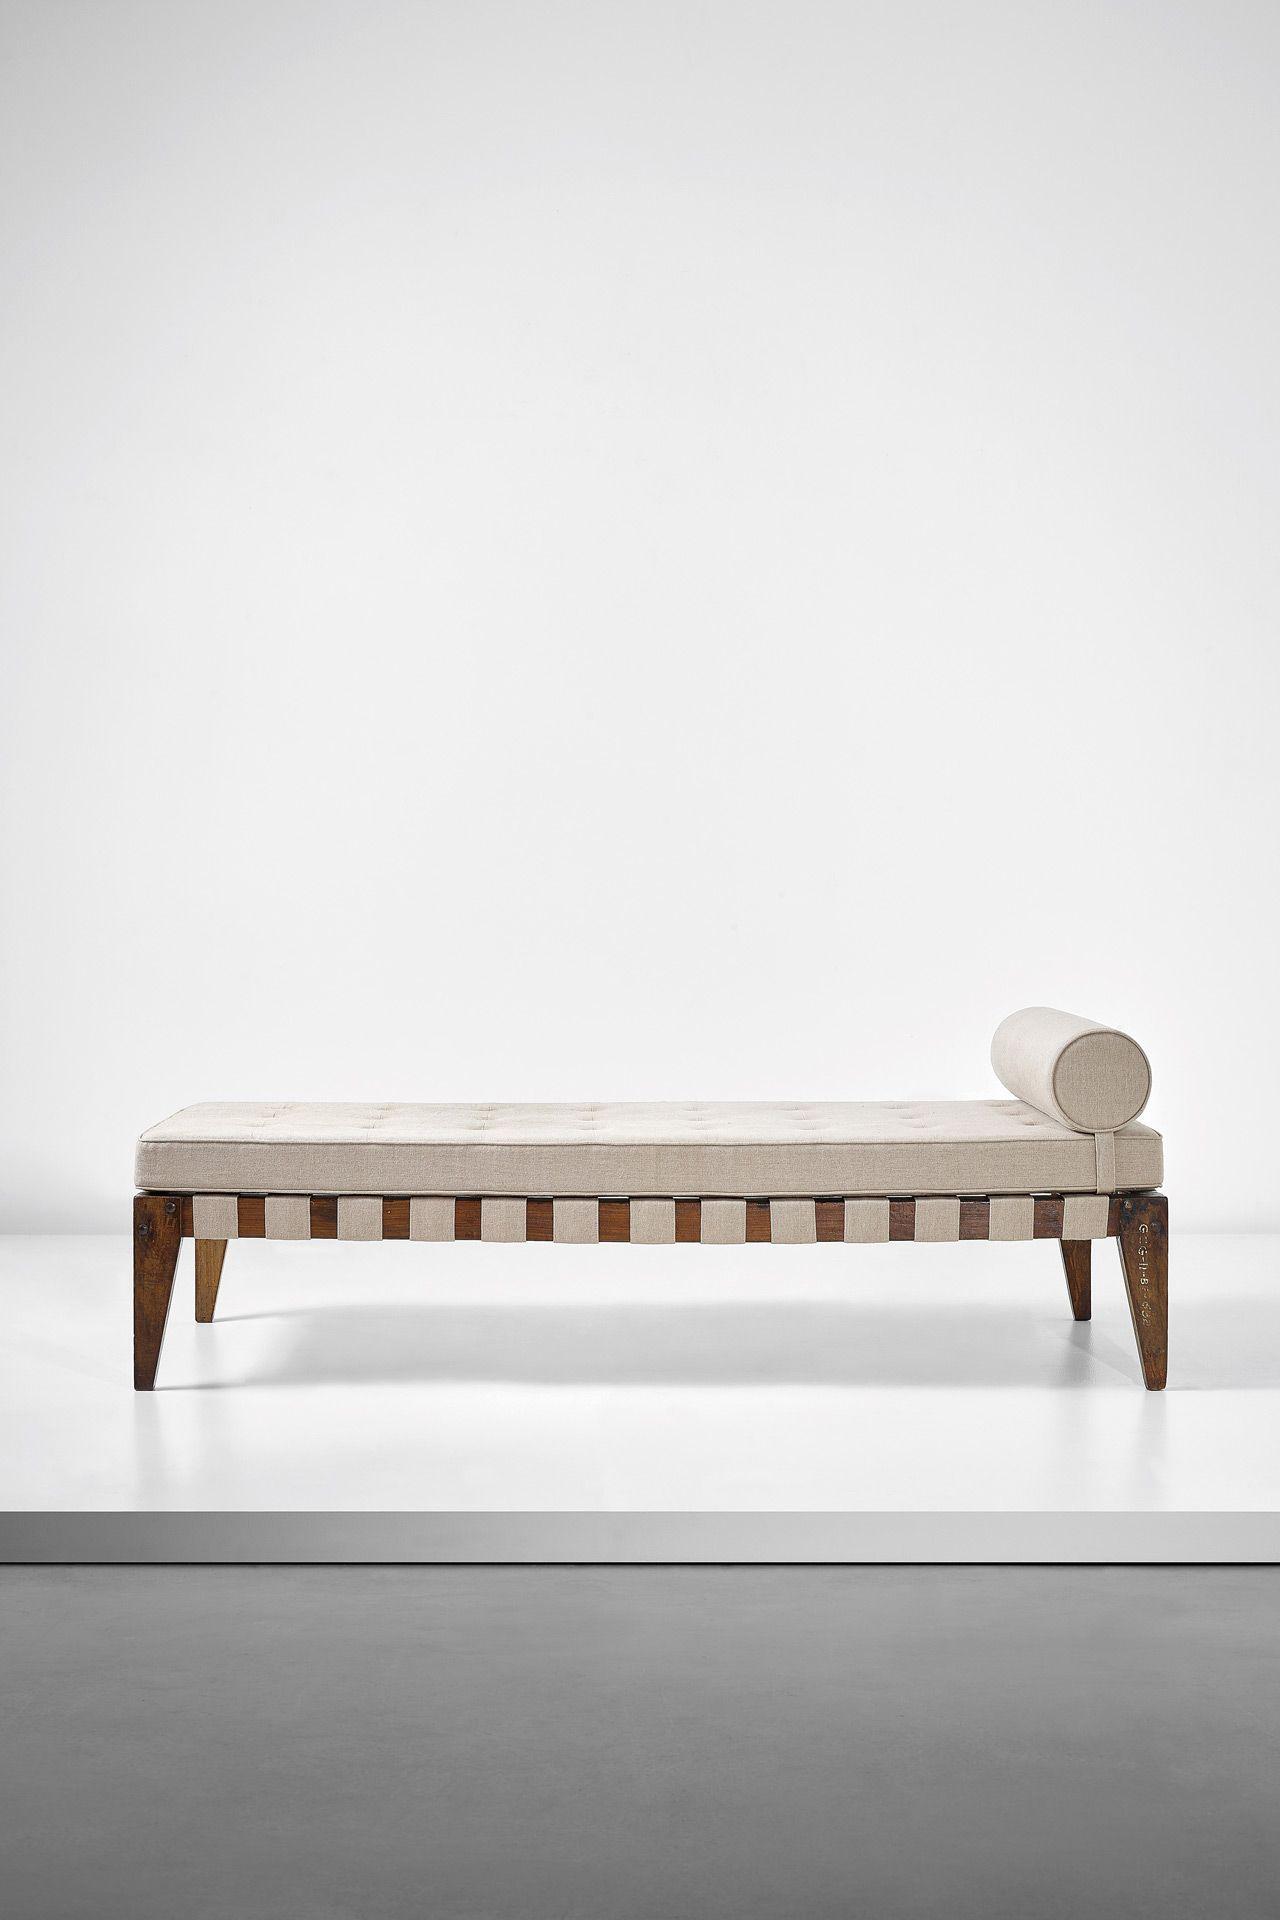 Pierre Jeanneret bed